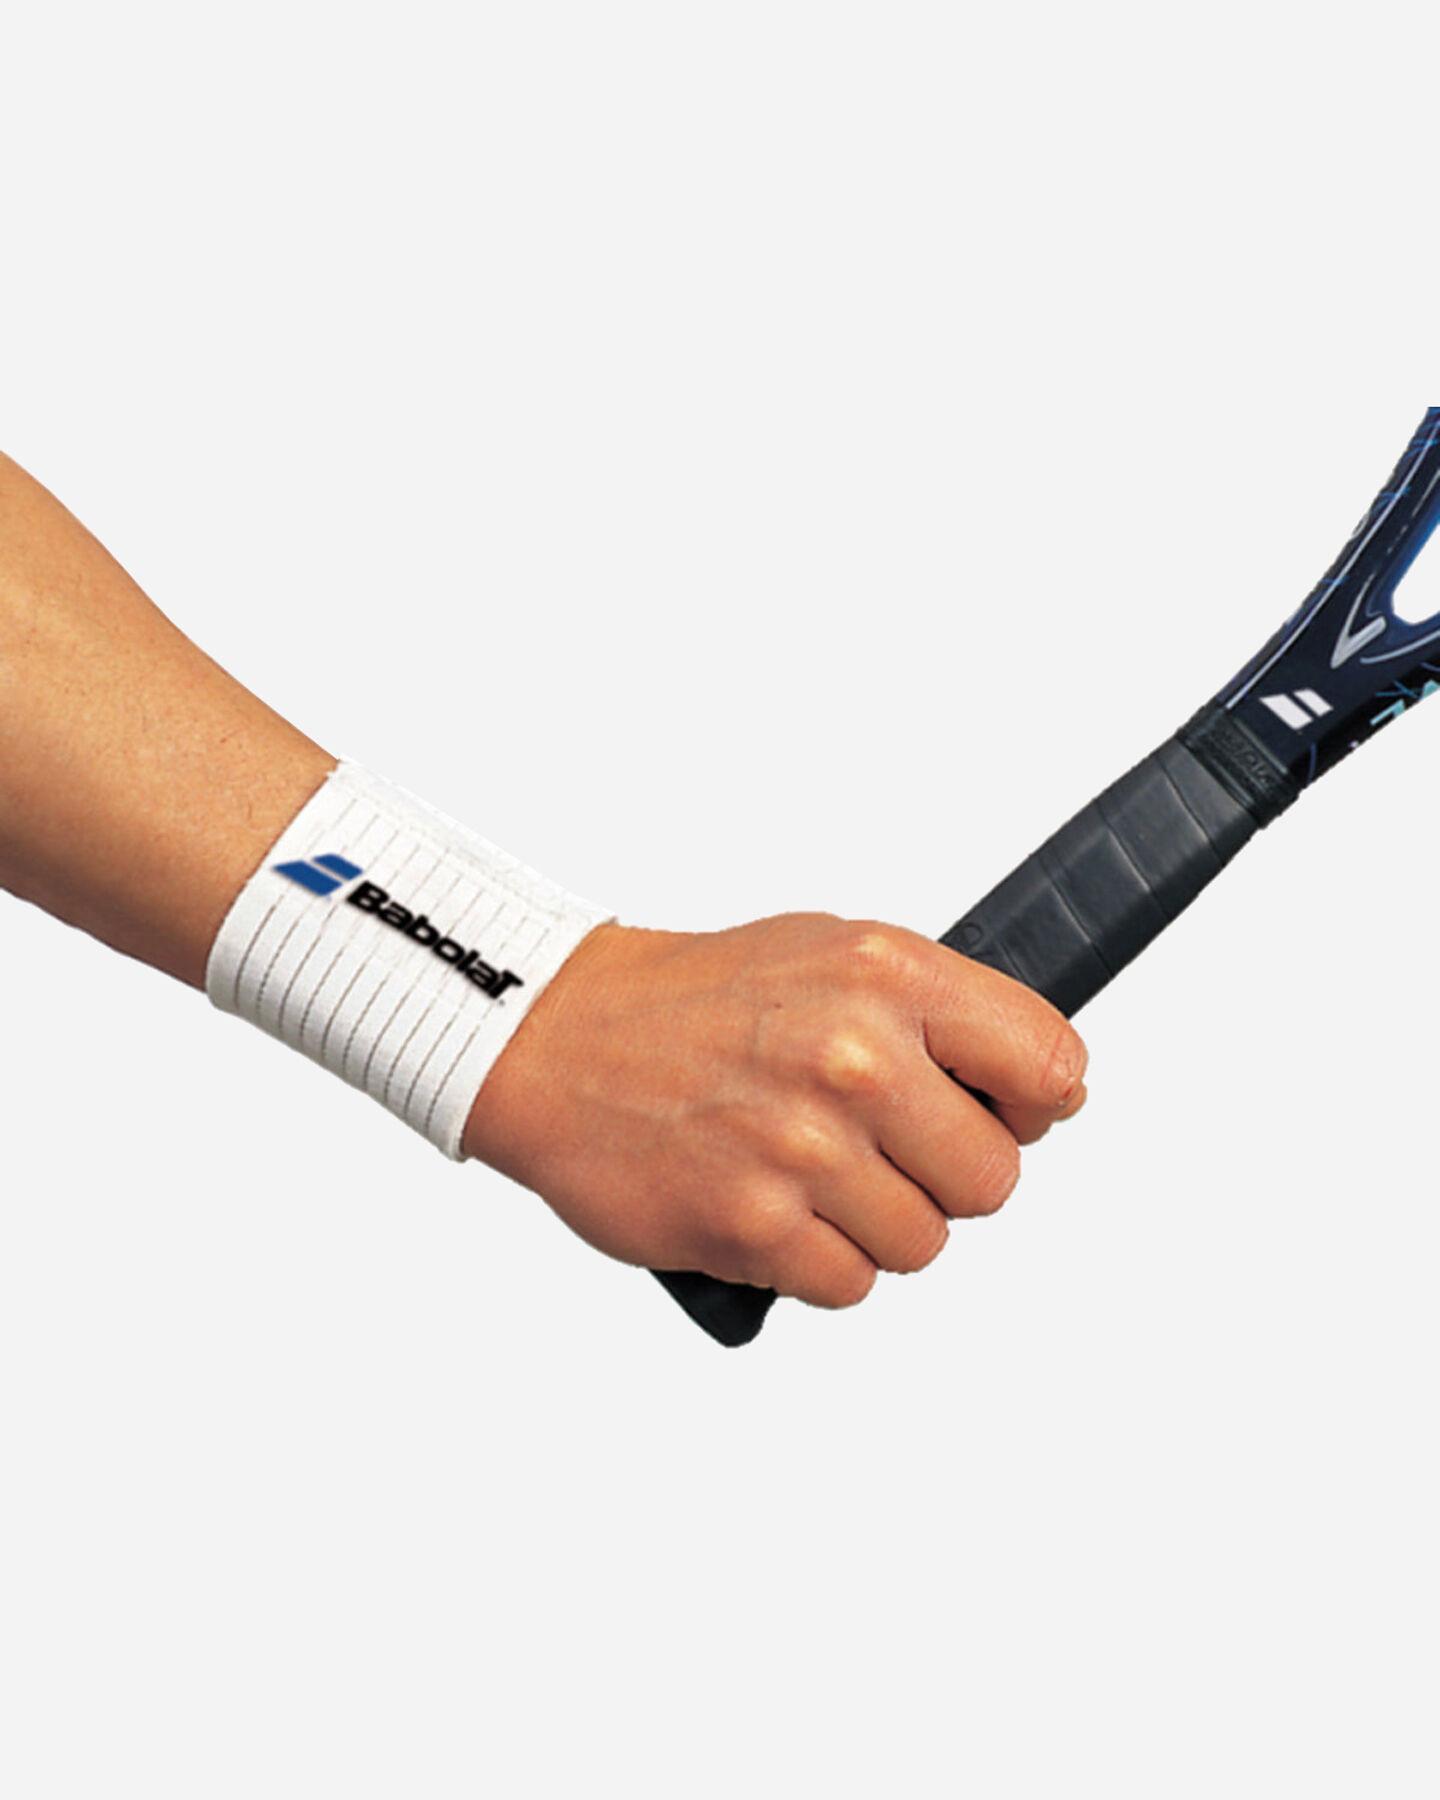 Accessorio tennis BABOLAT STRONG WRIST S0192790|9999|UNI scatto 1